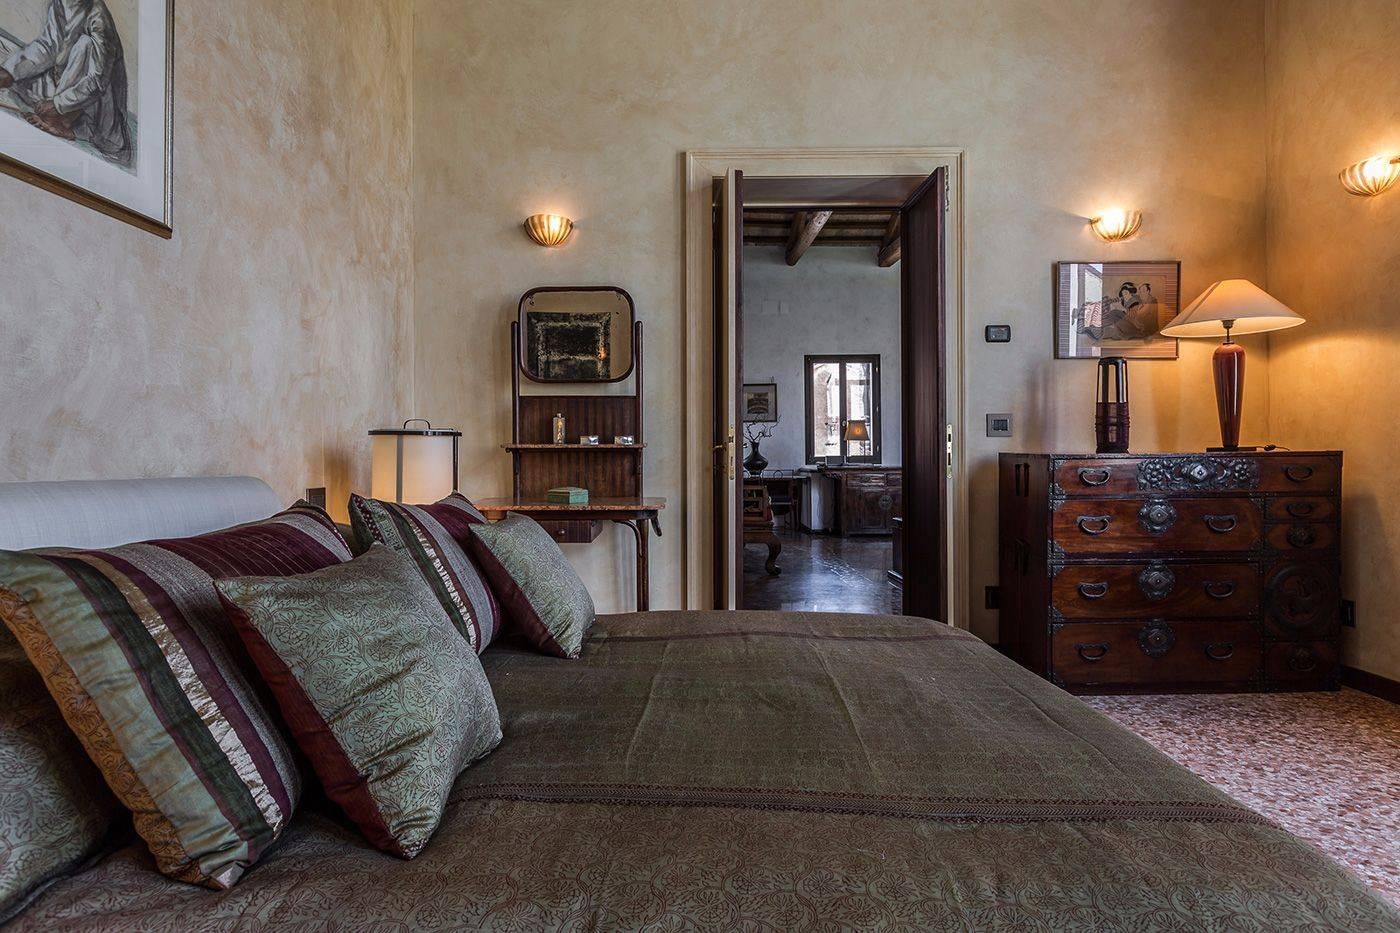 bedroom 1 with larger en-suite bathroom